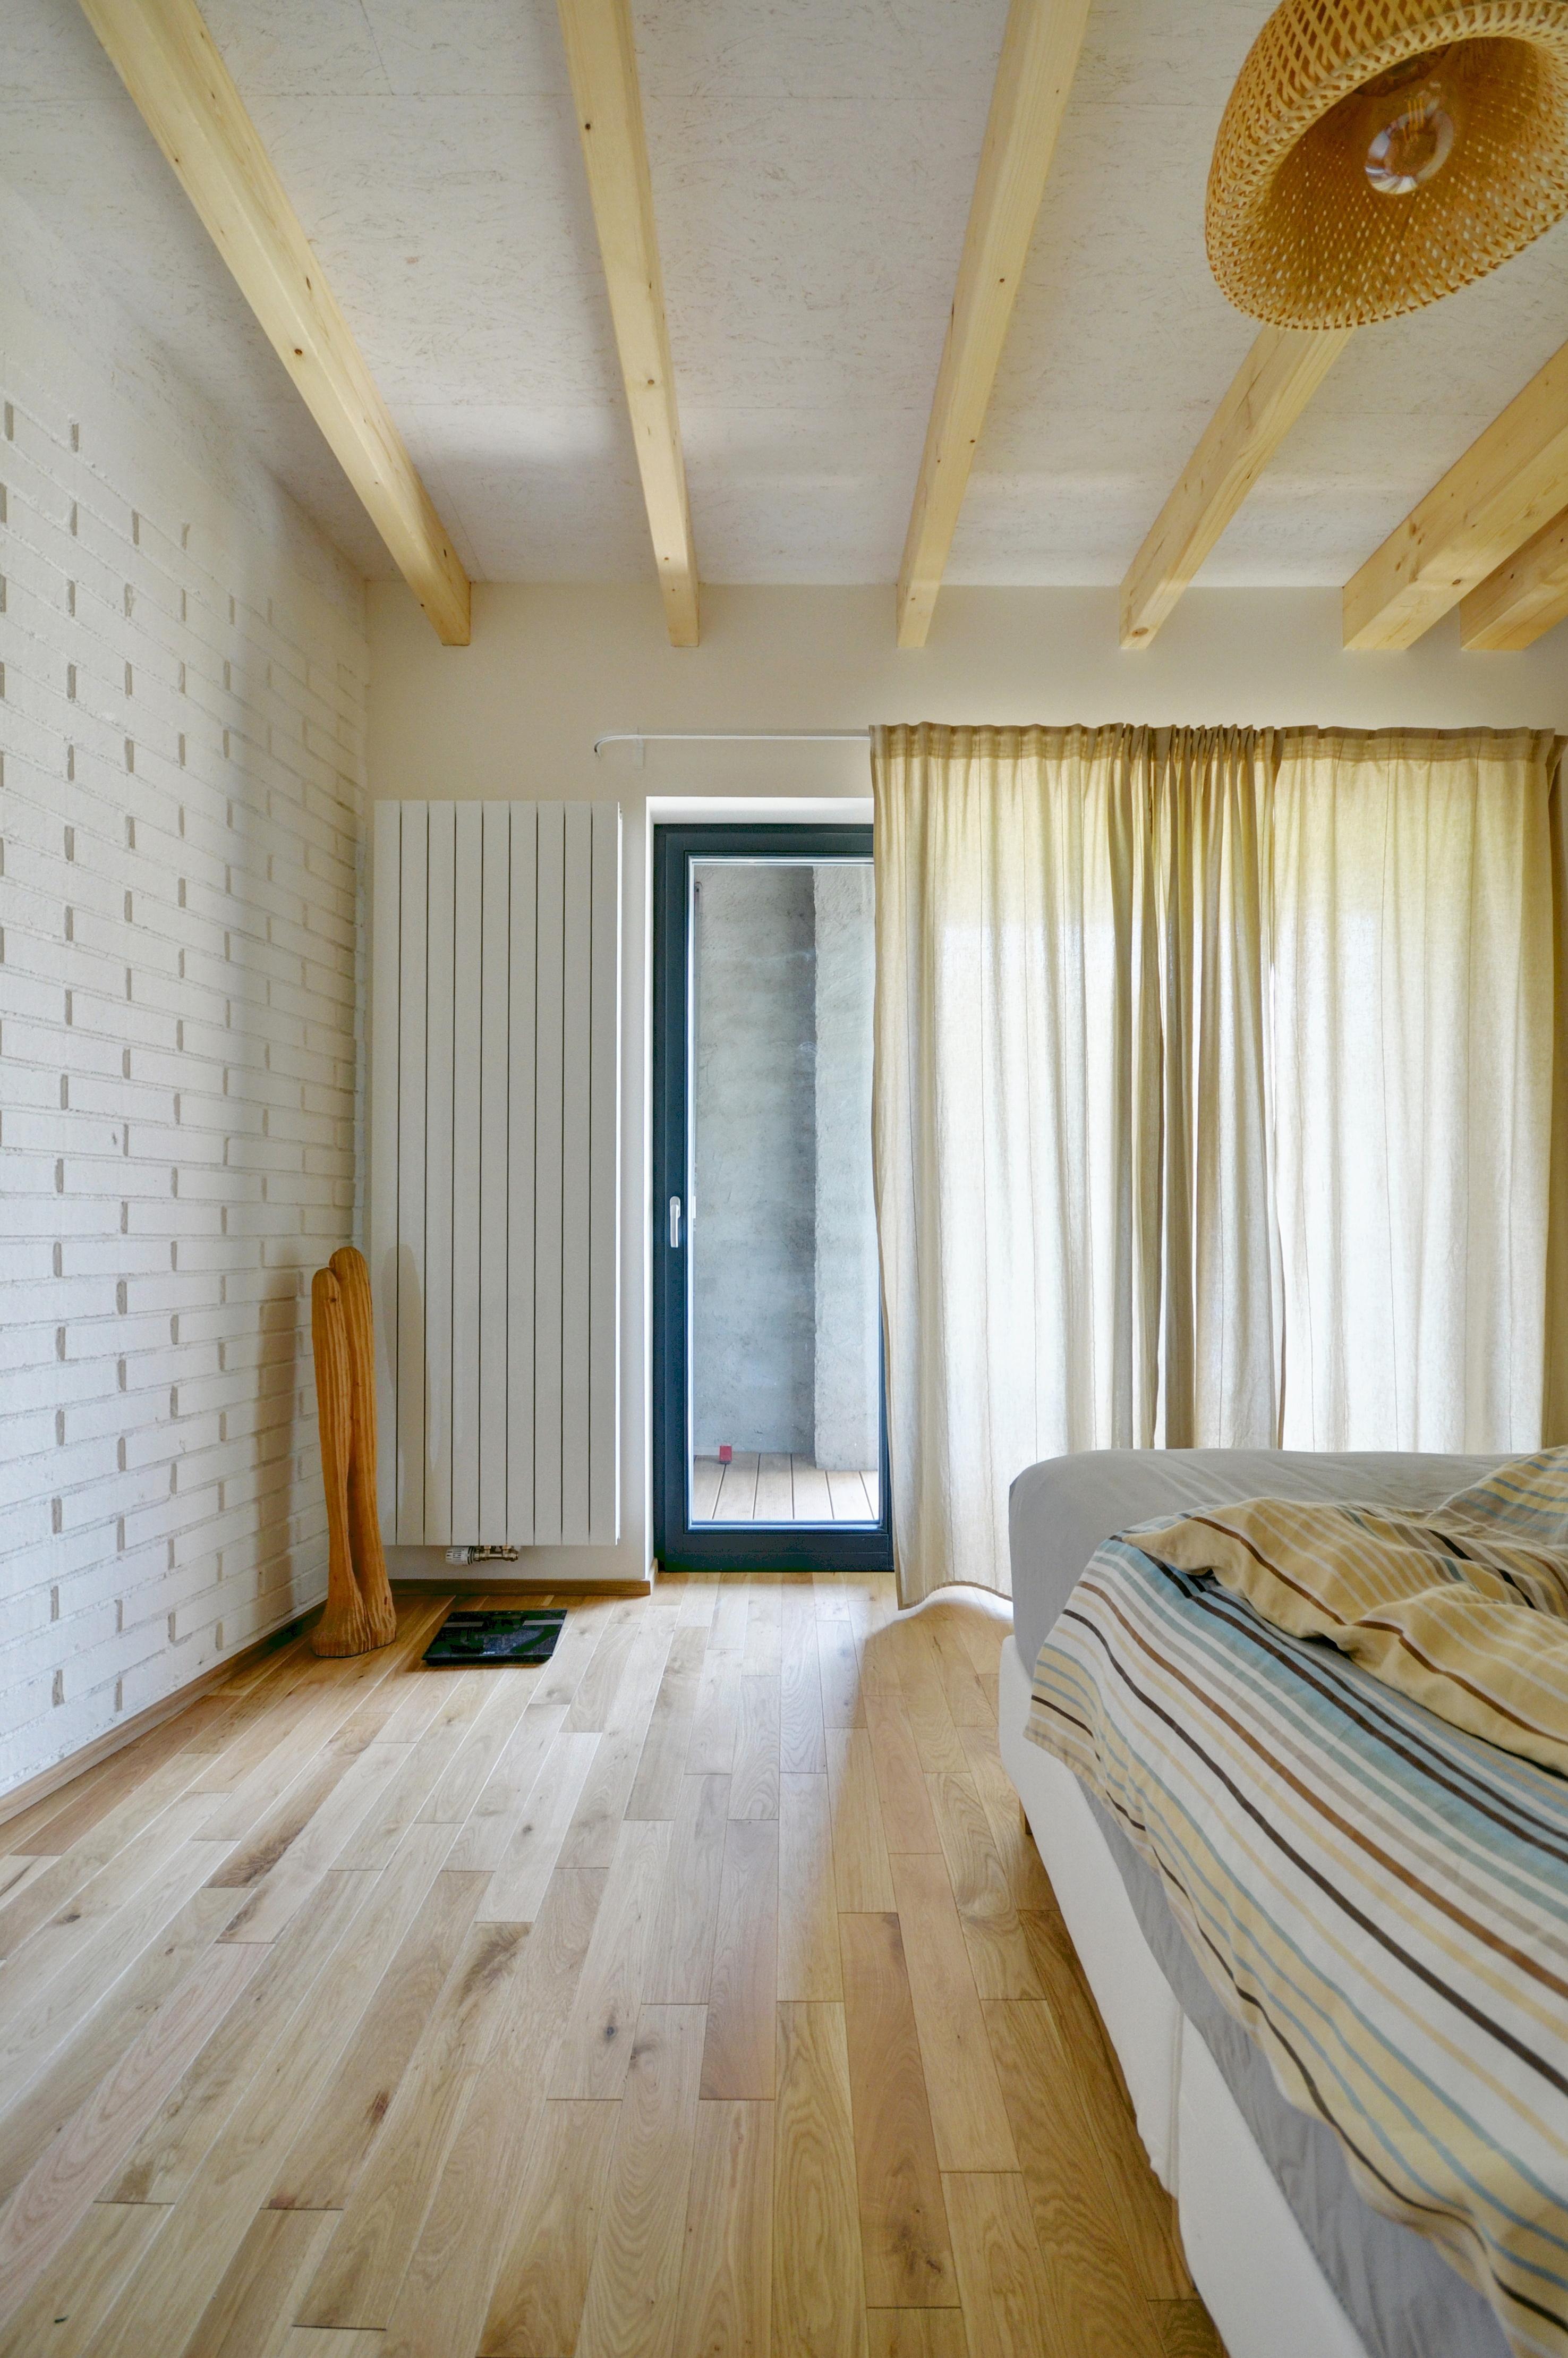 Kolovraty, Chytrý dům, dřevostavba, vestavba, salon dřevostaveb, ložnice, interiér